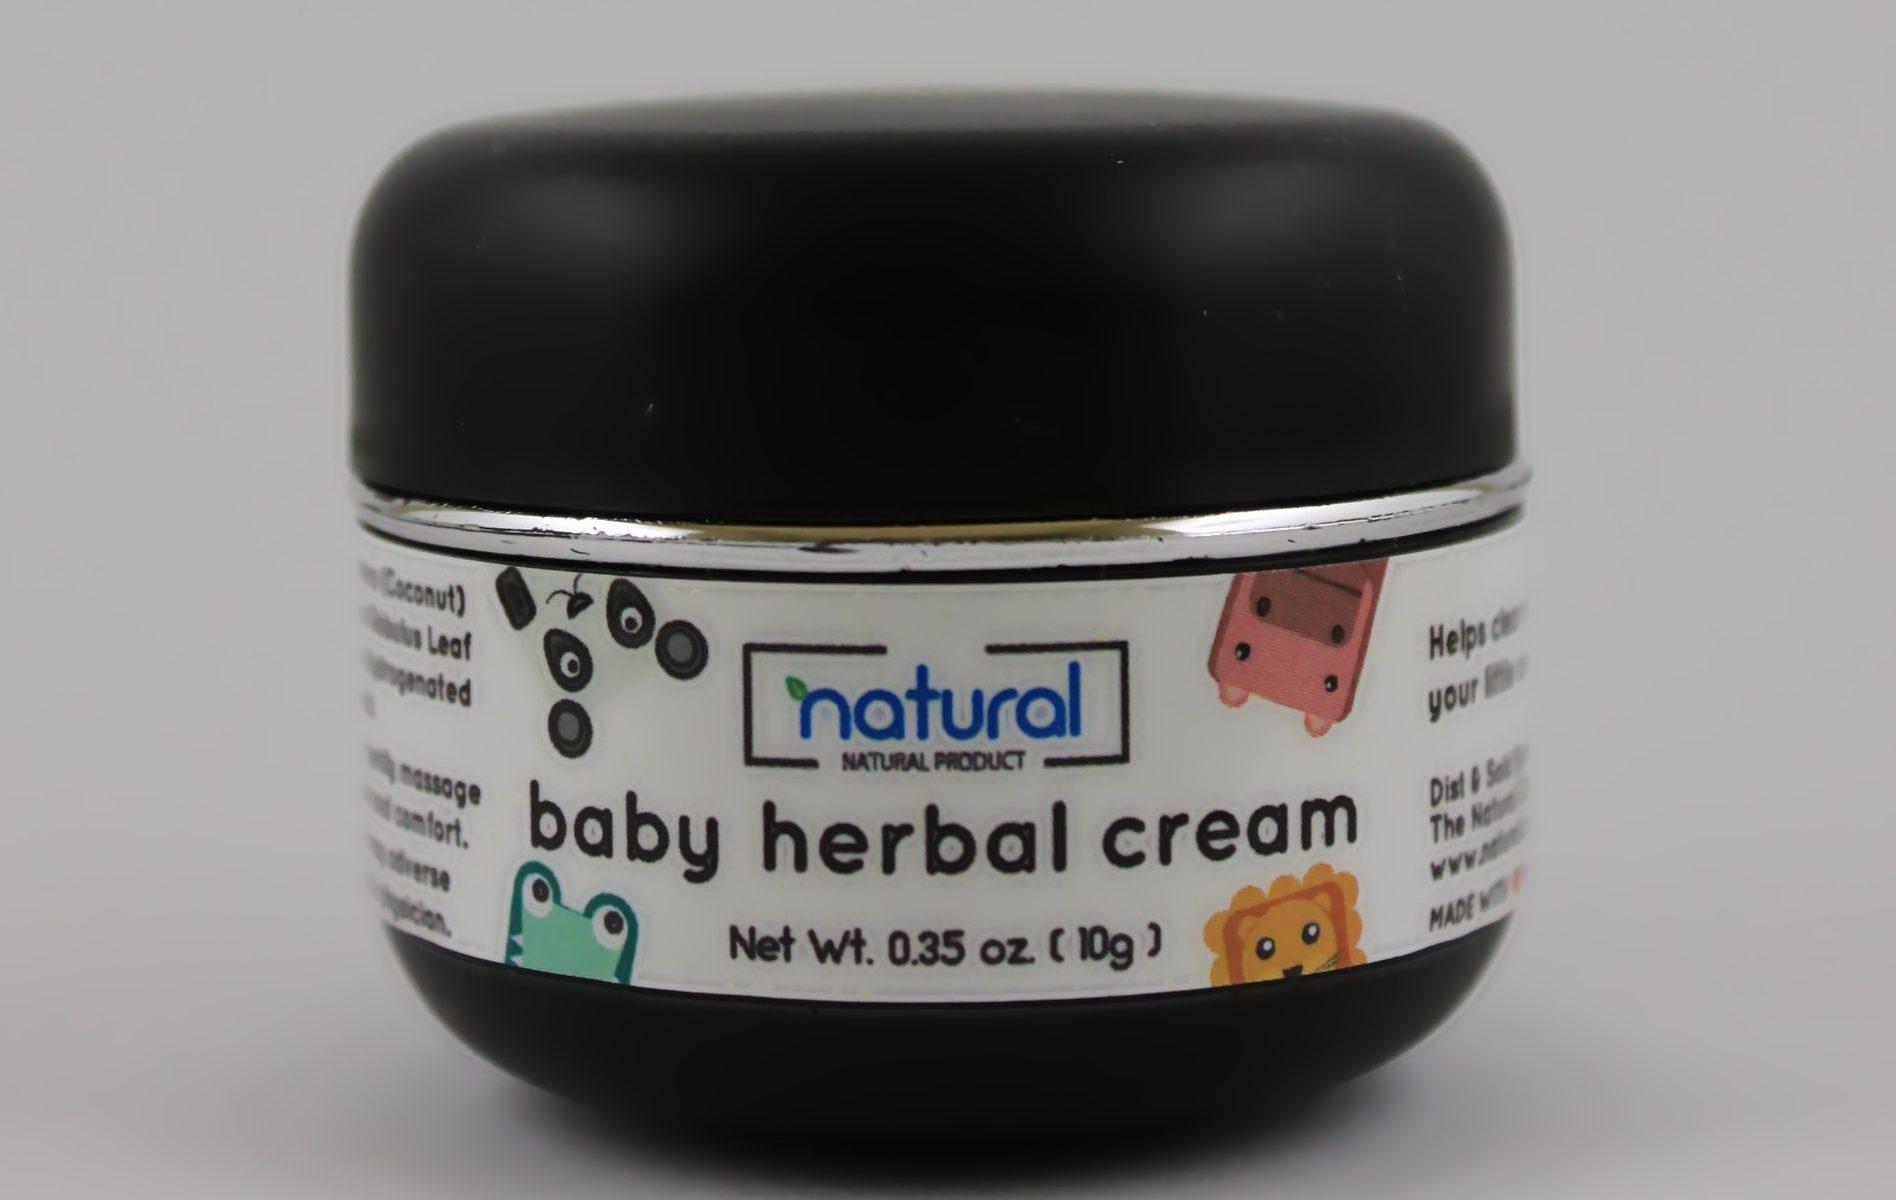 baby herbal cream 10g